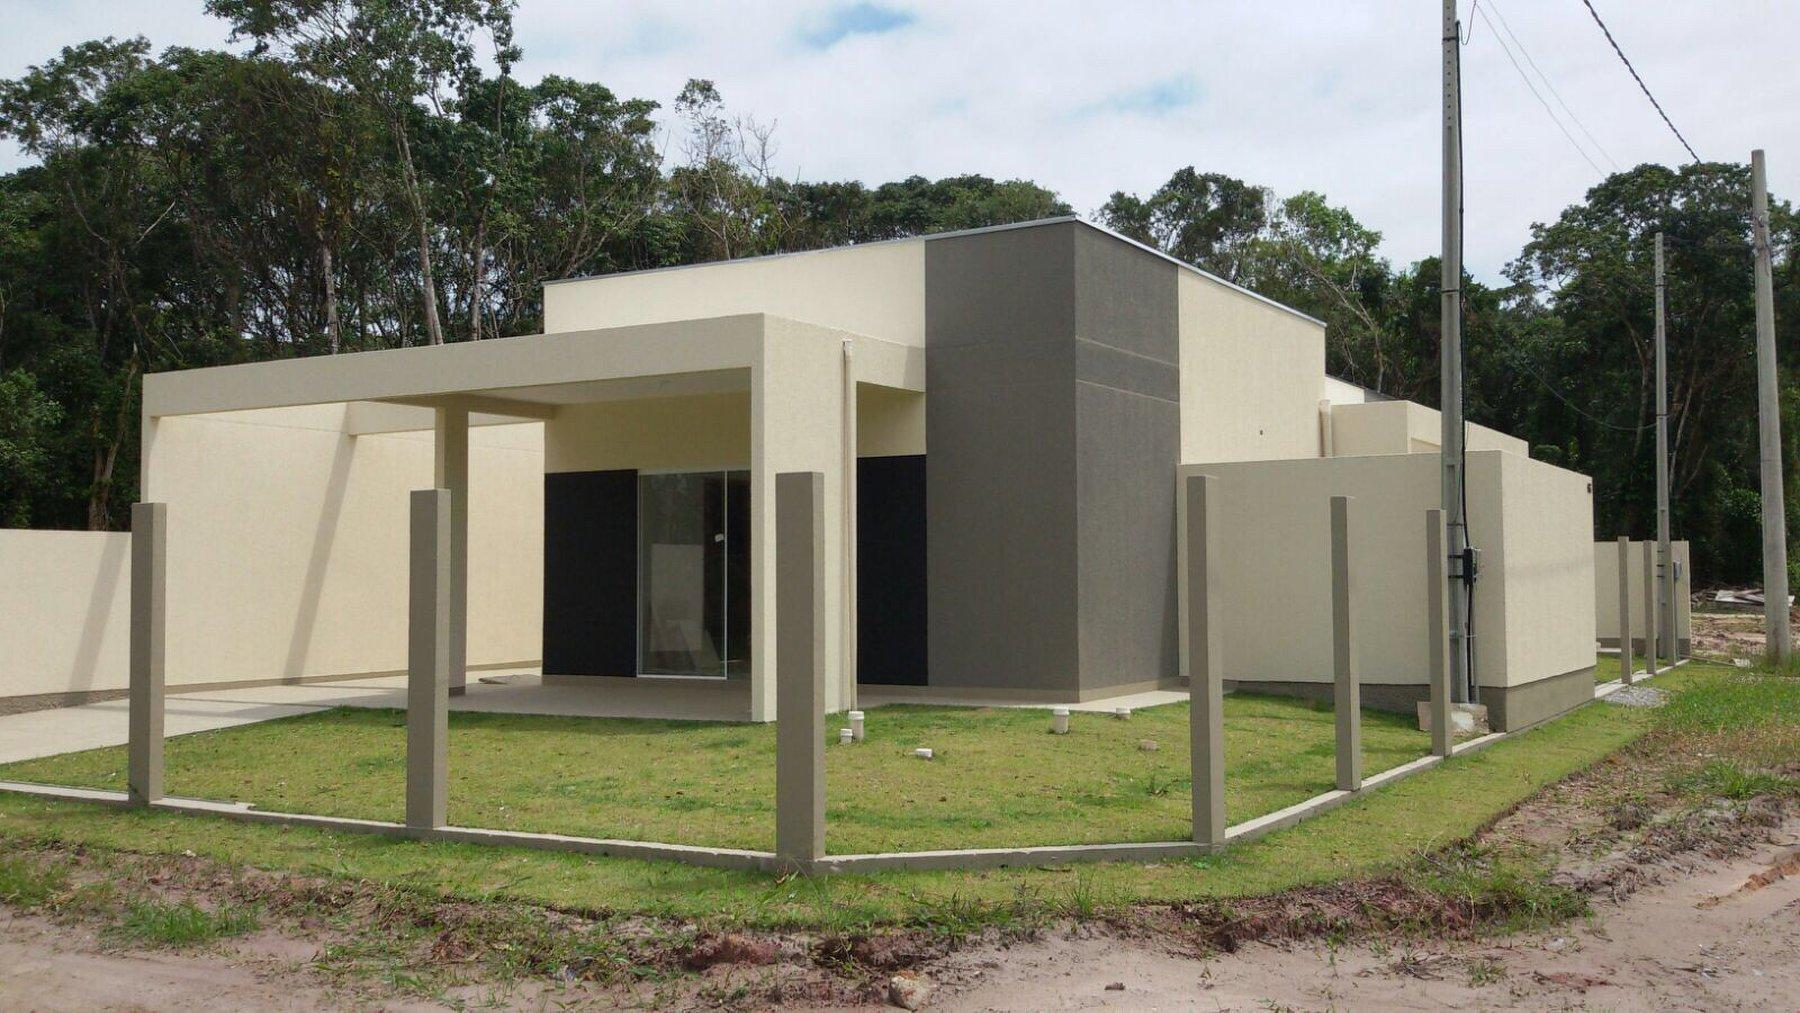 Terreno à venda por R$ 180.000 - Farol do Itapoá II - Itapoá/SC